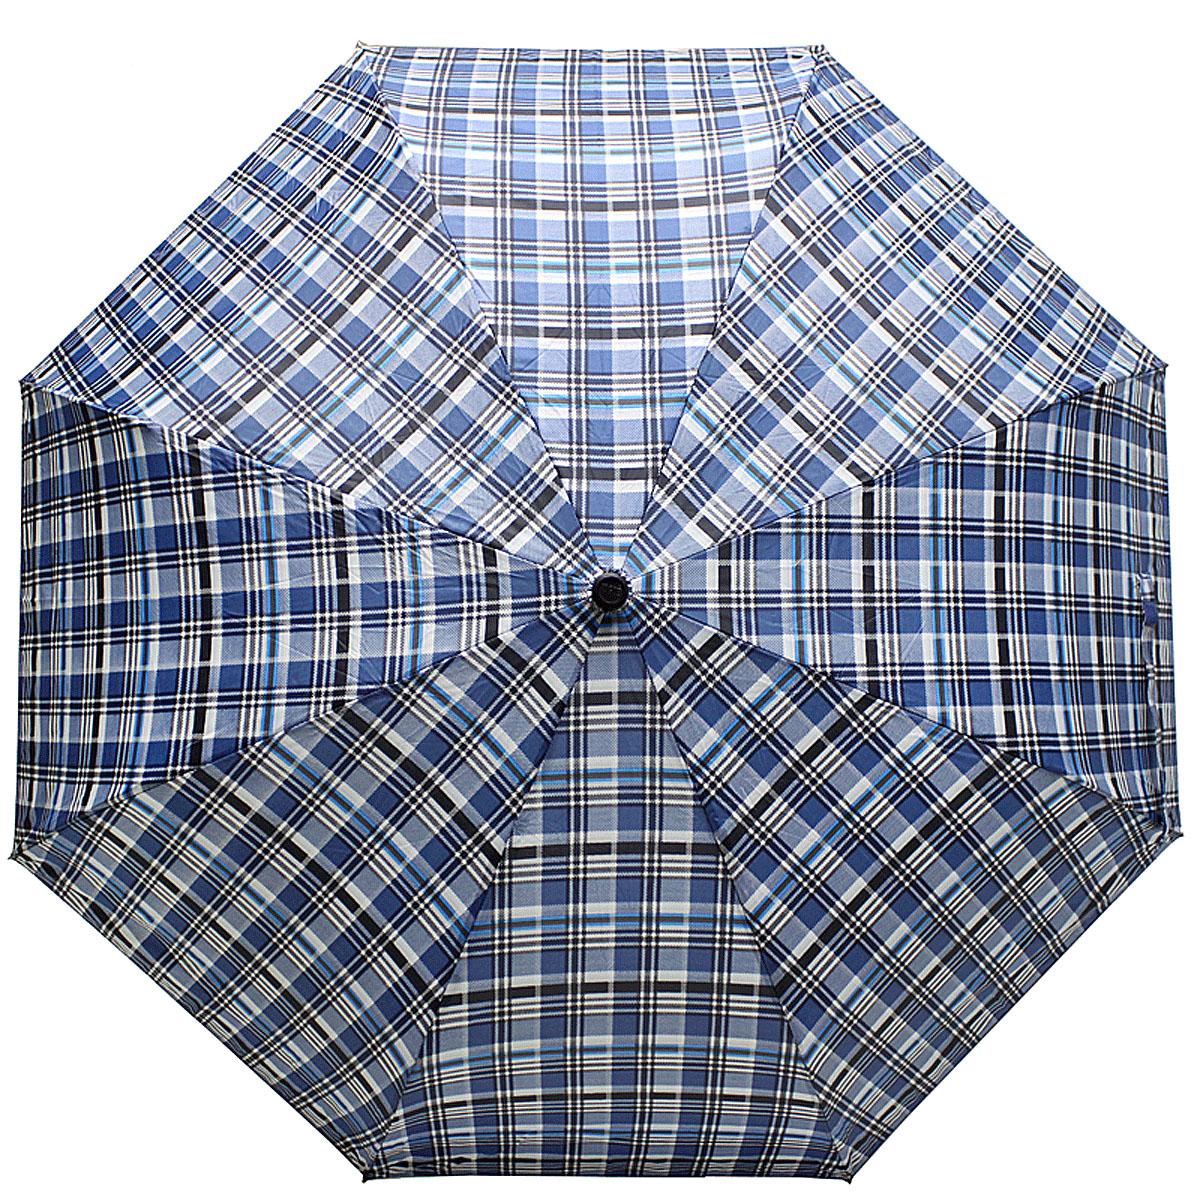 Зонт женский Vogue, цвет: синий. 448V-23.7-12 navyСтильный механический зонт испанского производителя Vogue оснащен каркасом с противоветровым эффектом.Каркас зонта включает 8 спиц. Стержень изготовлен из стали, купол выполнен из прочного полиэстера. Зонт является механическим: купол открывается и закрывается вручную до характерного щелчка. Такой зонт не только надежно защитит вас от дождя, но и станет стильным аксессуаром, который идеально подчеркнет ваш неповторимый образ. Рекомендации по использованию: Мокрый зонт нельзя оставлять сложенным. Зонт после использования рекомендуется сушить в полураскрытом виде вдали от нагревательных приборов. Чистить зонт рекомендуется губкой, используя мягкие нещелочные растворы.